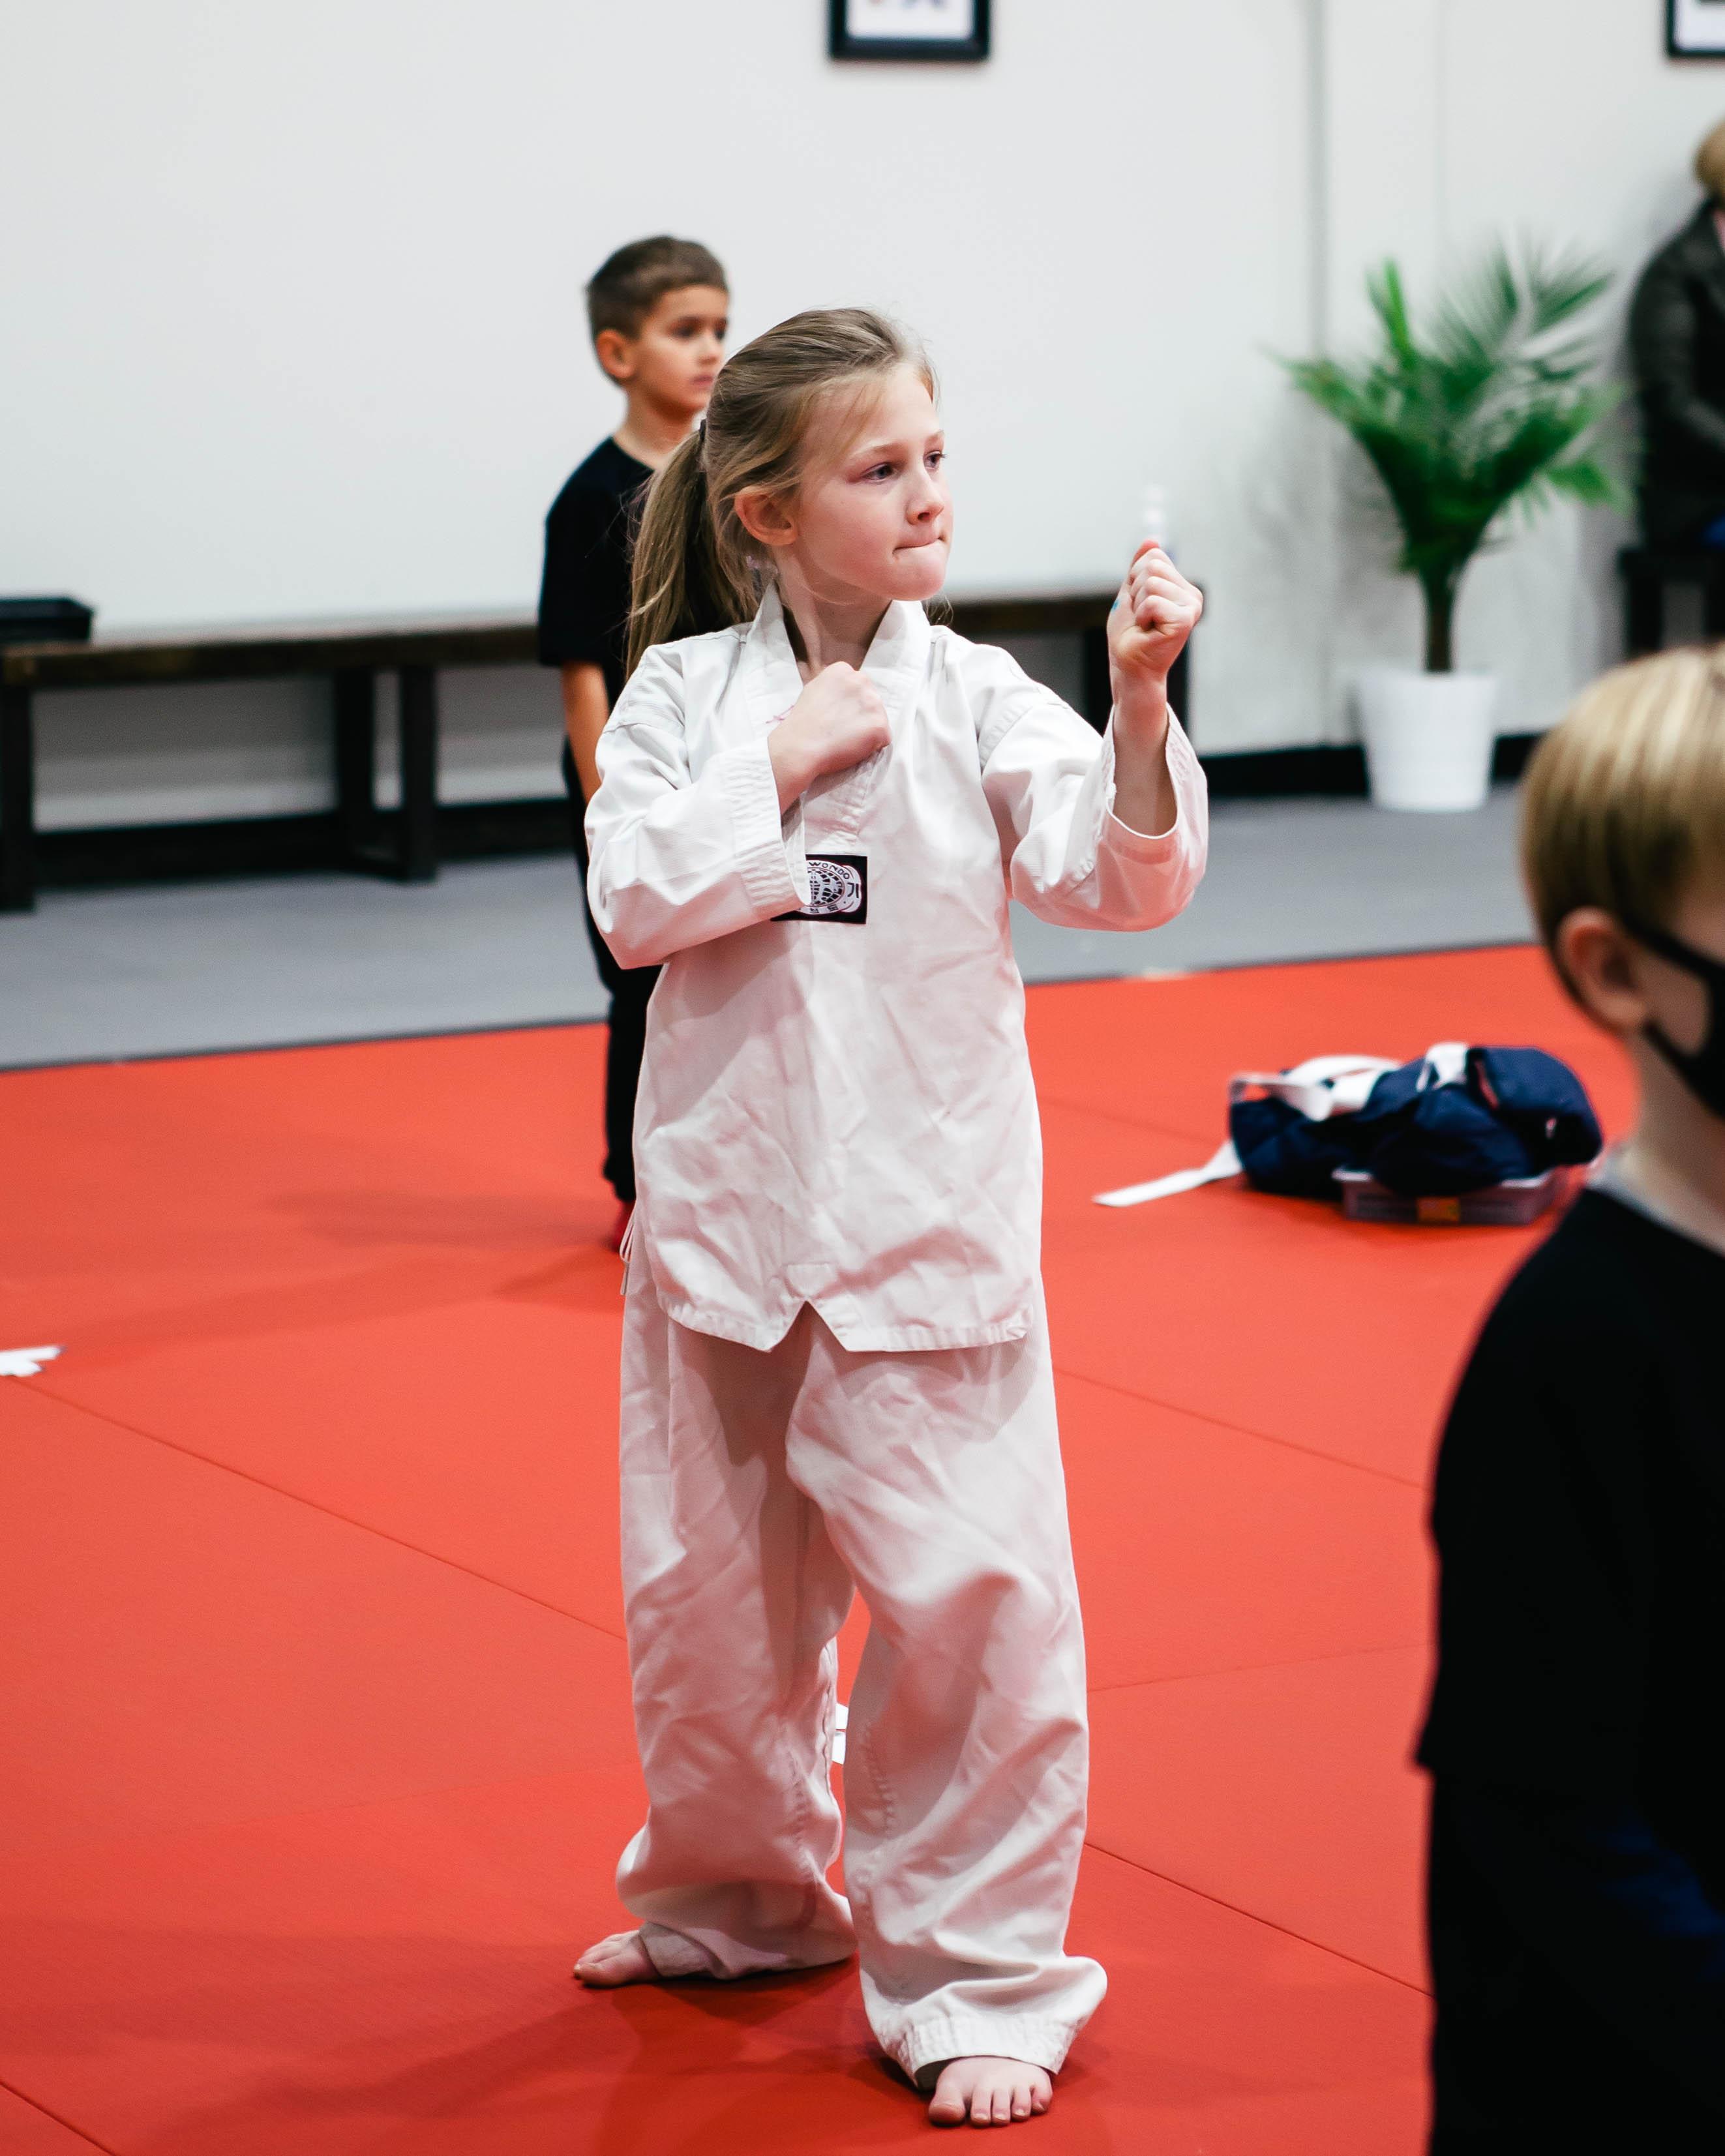 A girl training Taekwondo